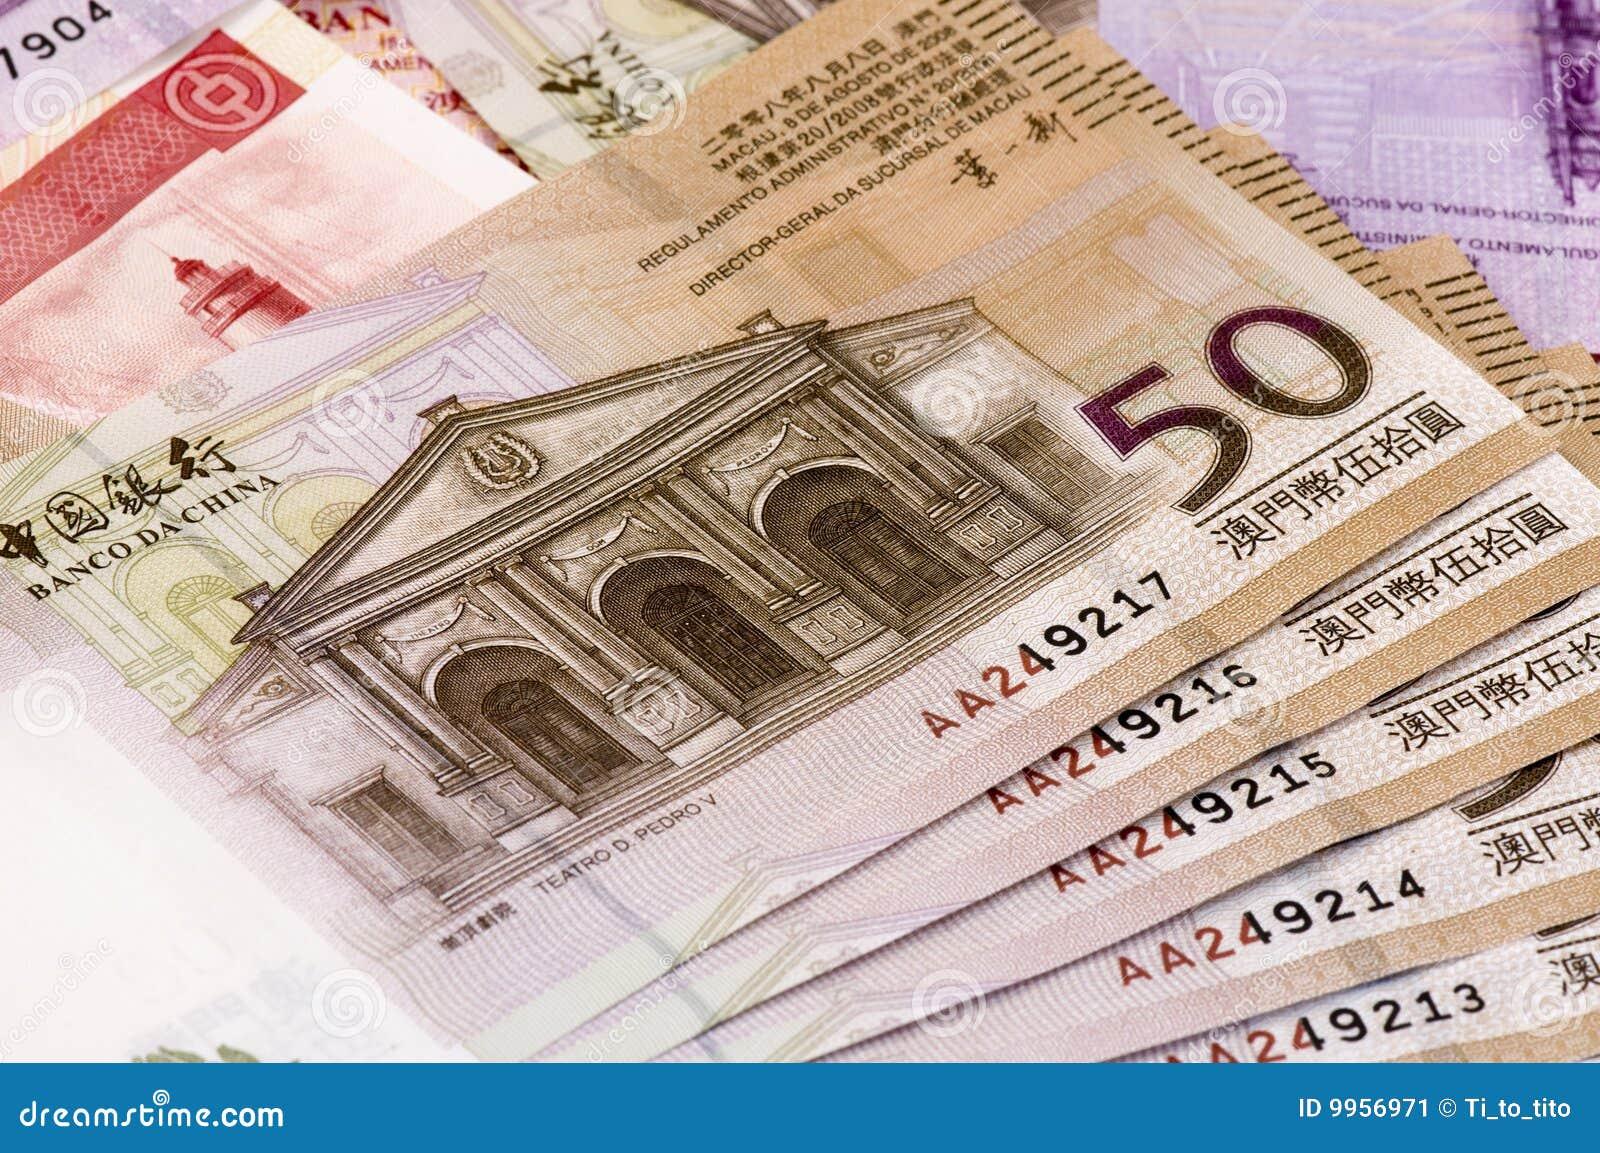 Macau Currency